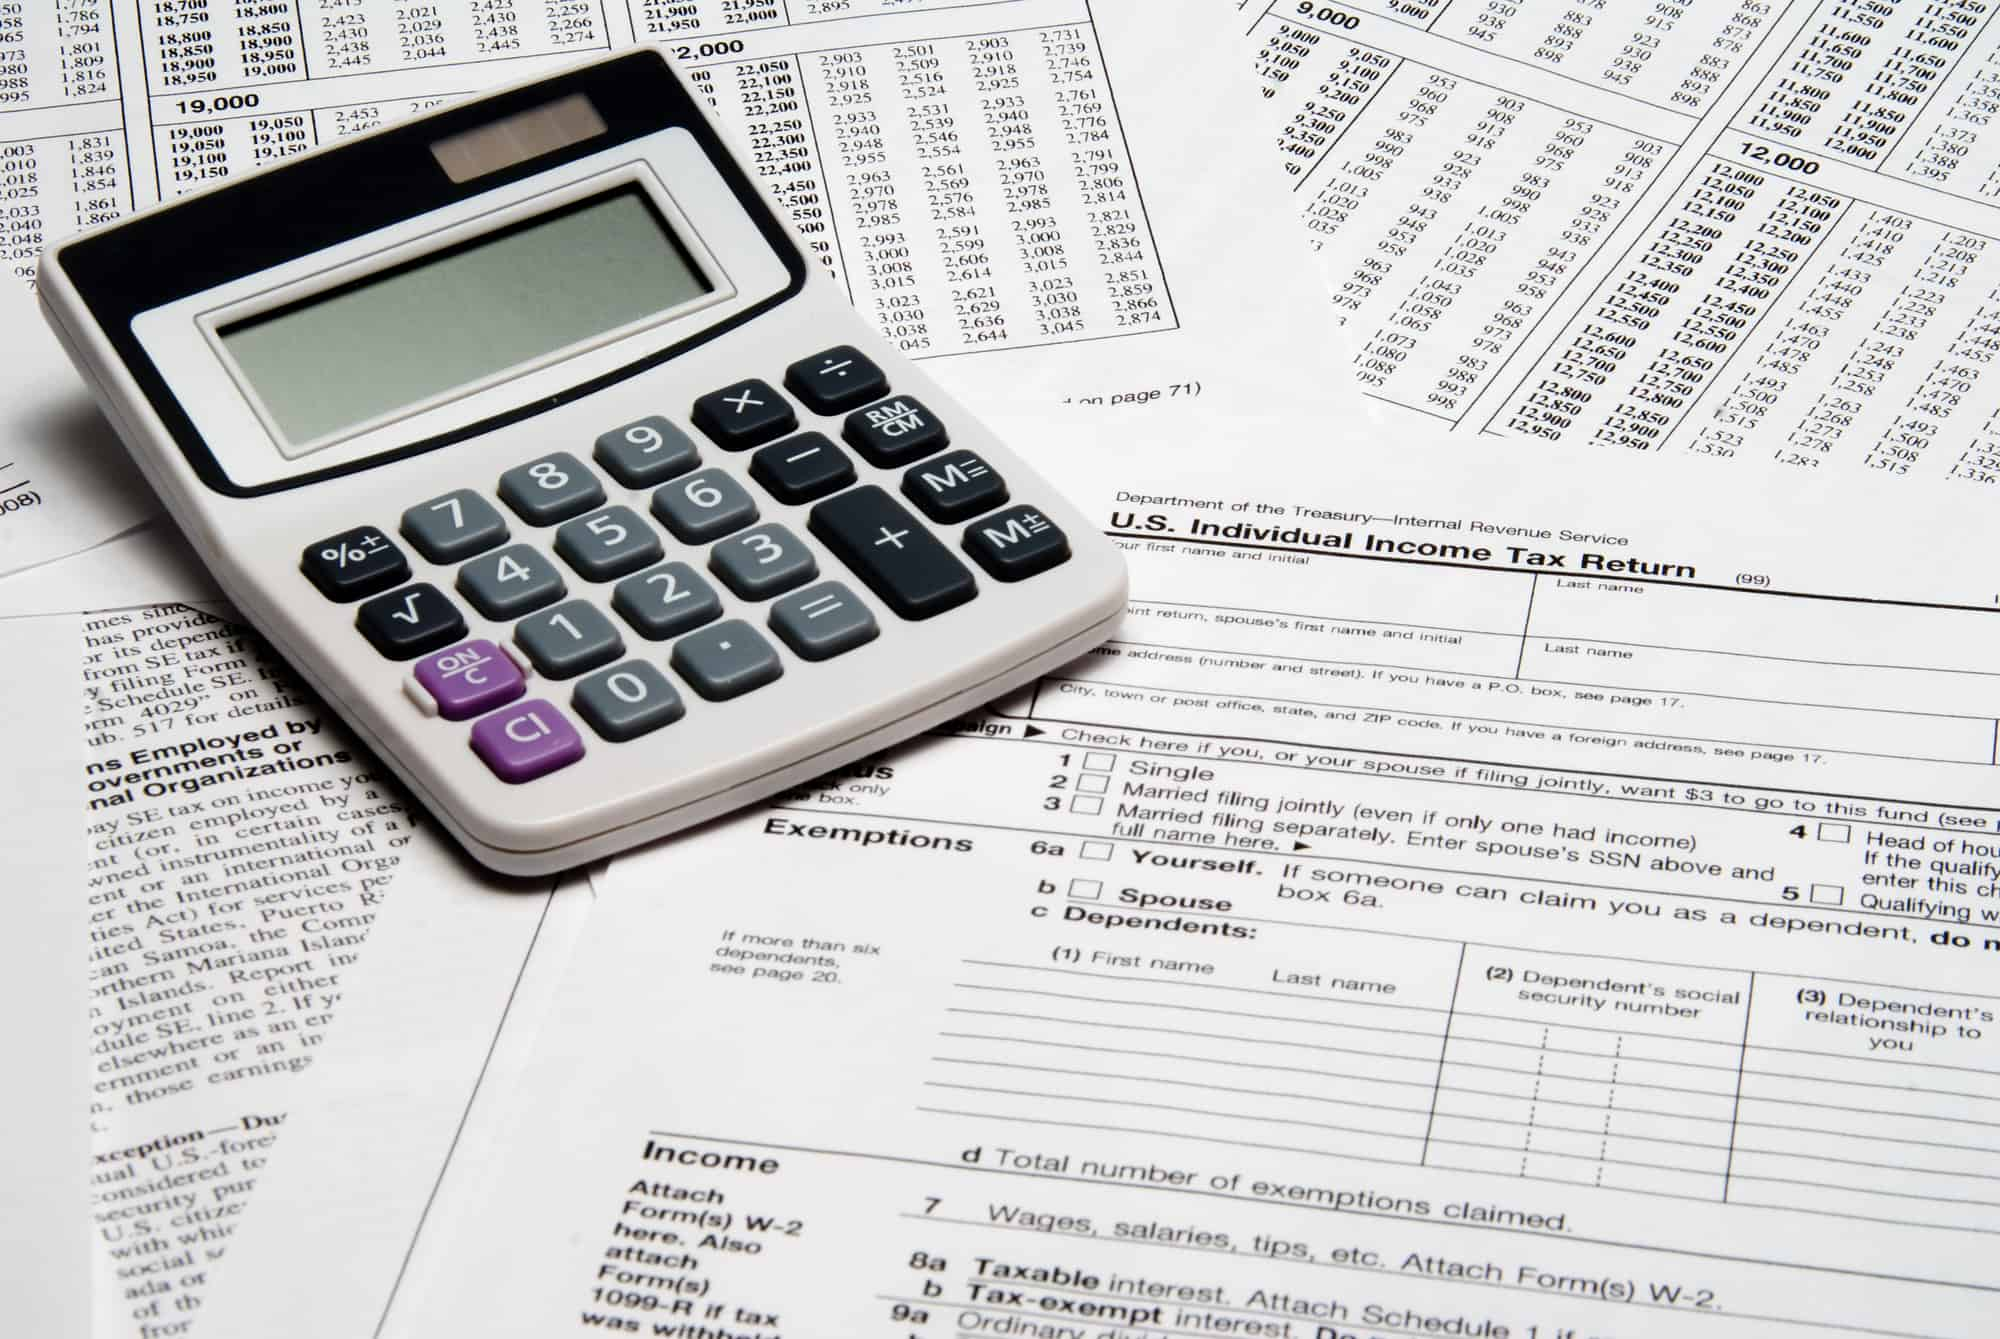 расчет пени за неуплату земельного налога онлайн калькулятор